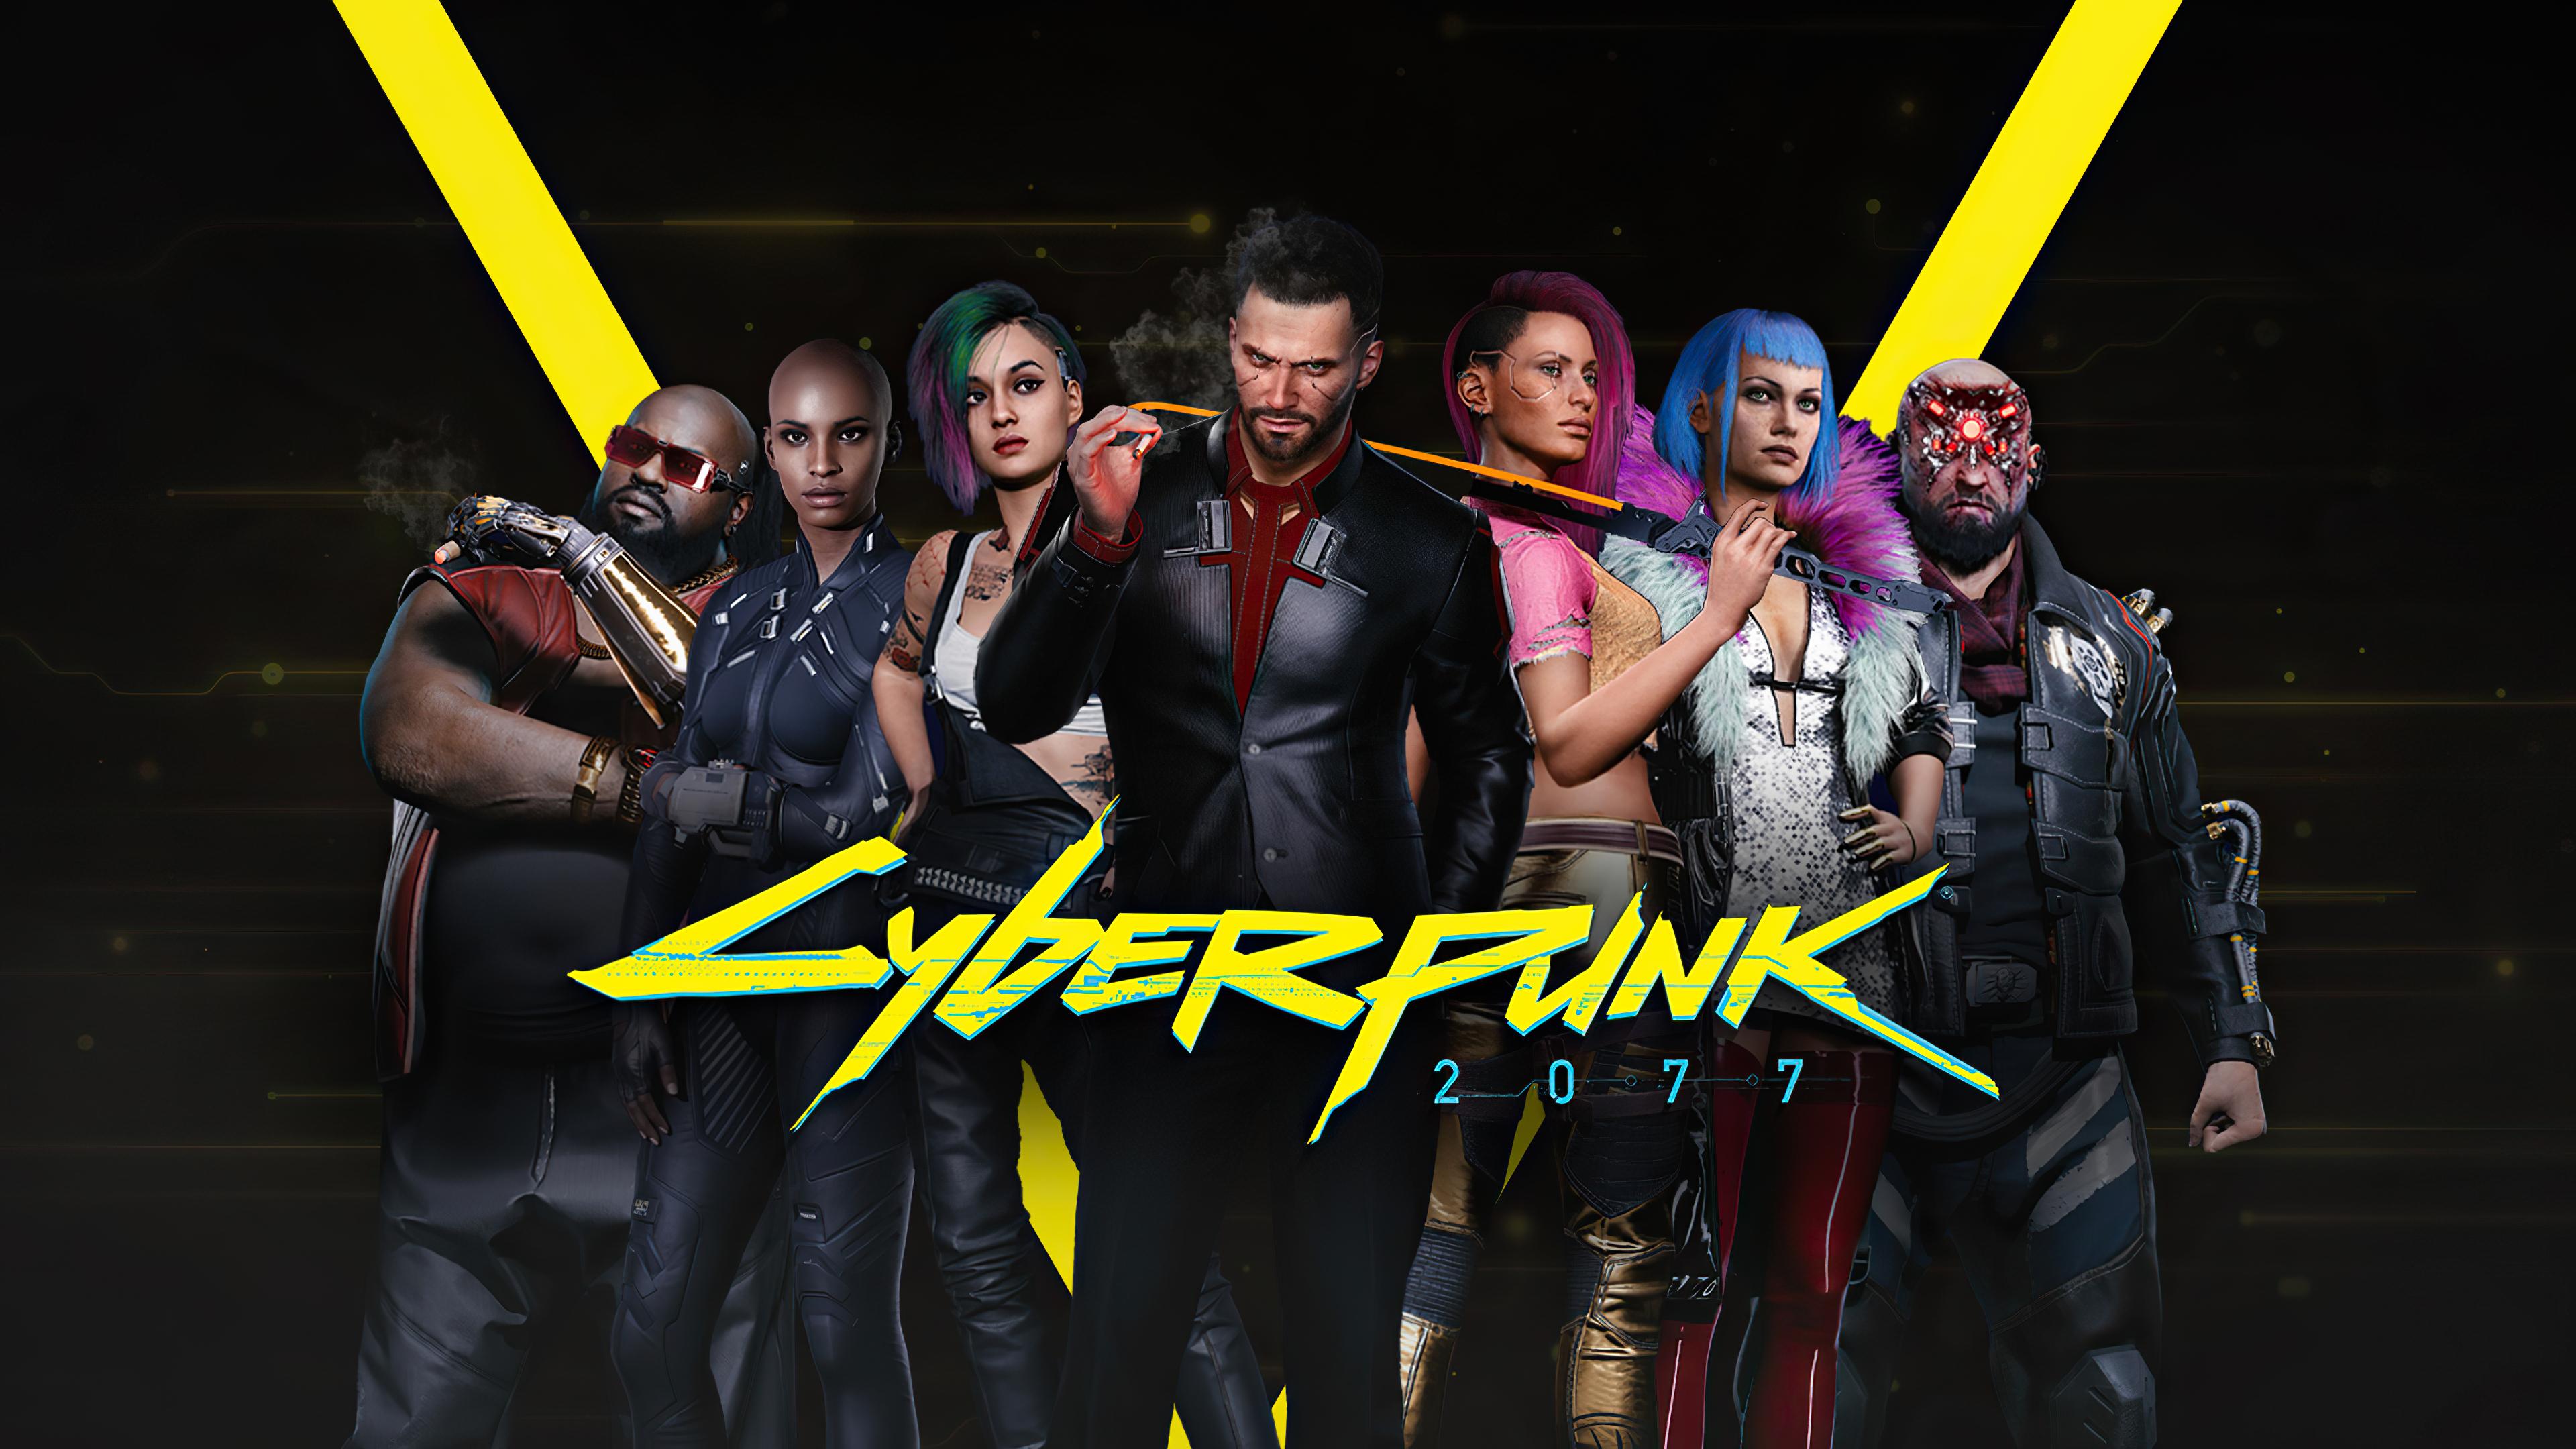 3840x2160 Cyberpunk 2077 4k Characters 4k HD 4k Wallpapers ...